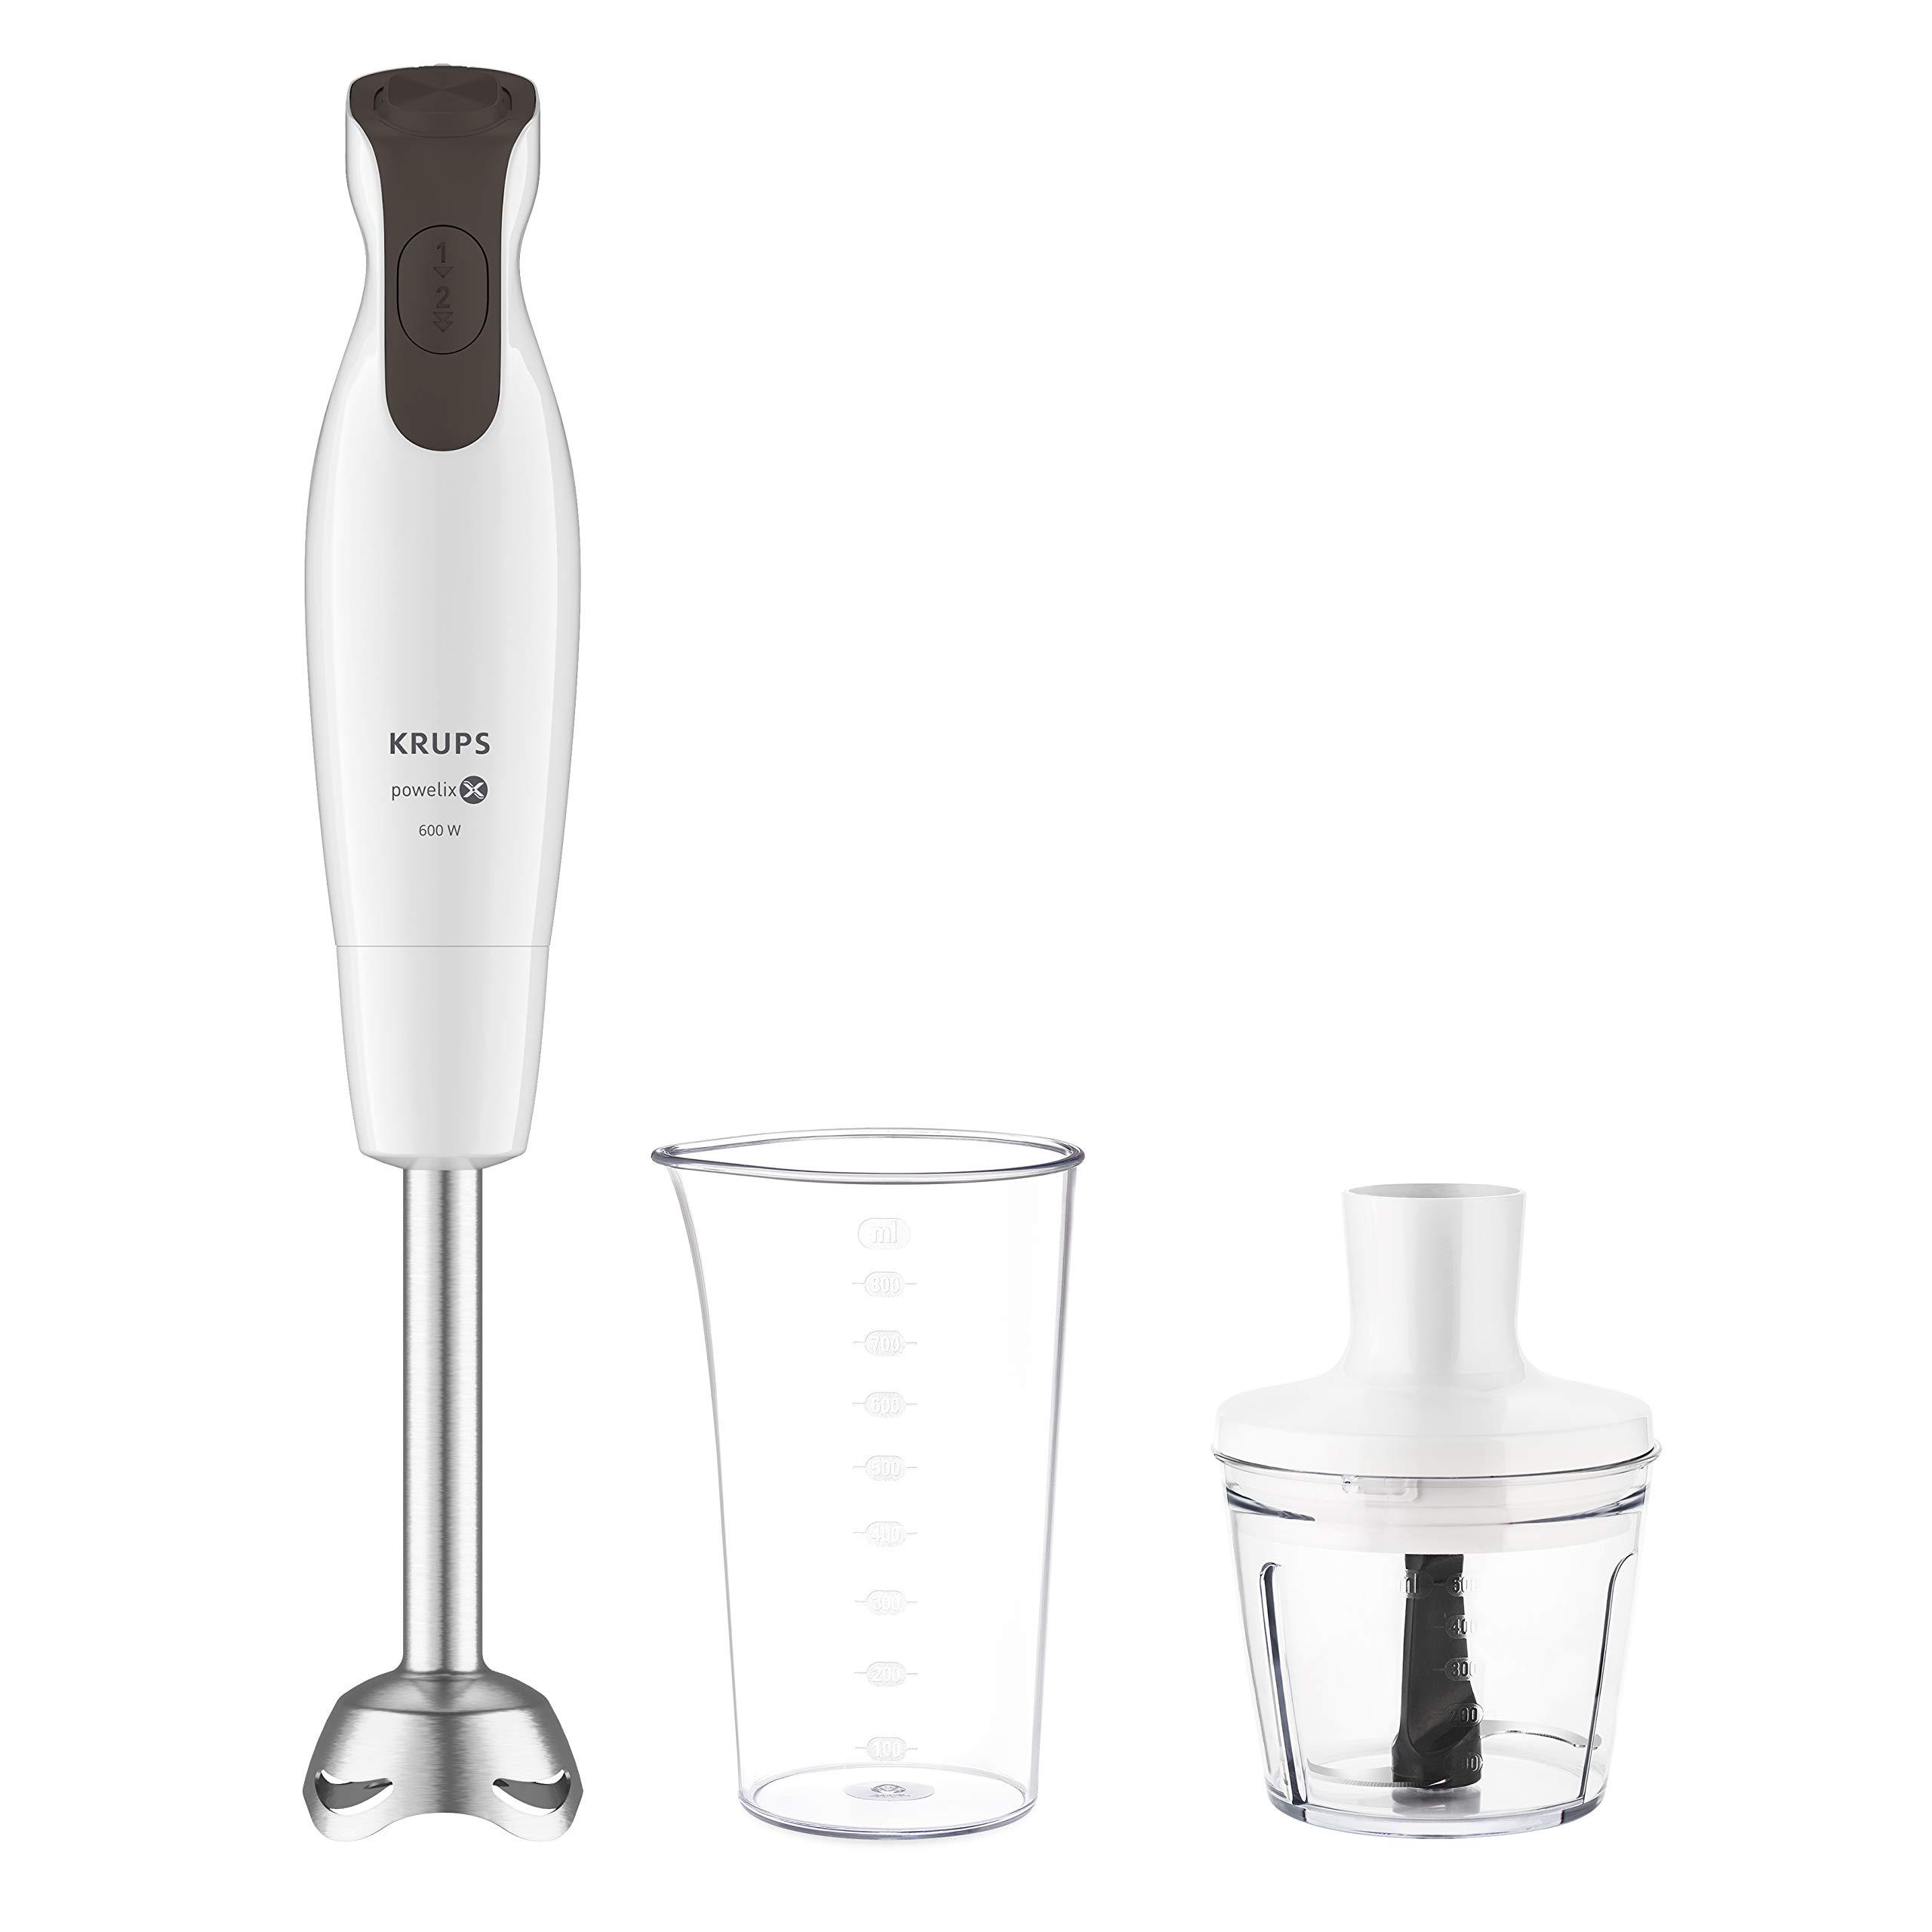 Batidora Krups HZ5521 Perfectmix 6000 (600 W, 2 velocidades, incluye vaso medidor de 800 ml y minipicadora de 500 ml), color blanco/gris oscuro: Amazon.es: Hogar